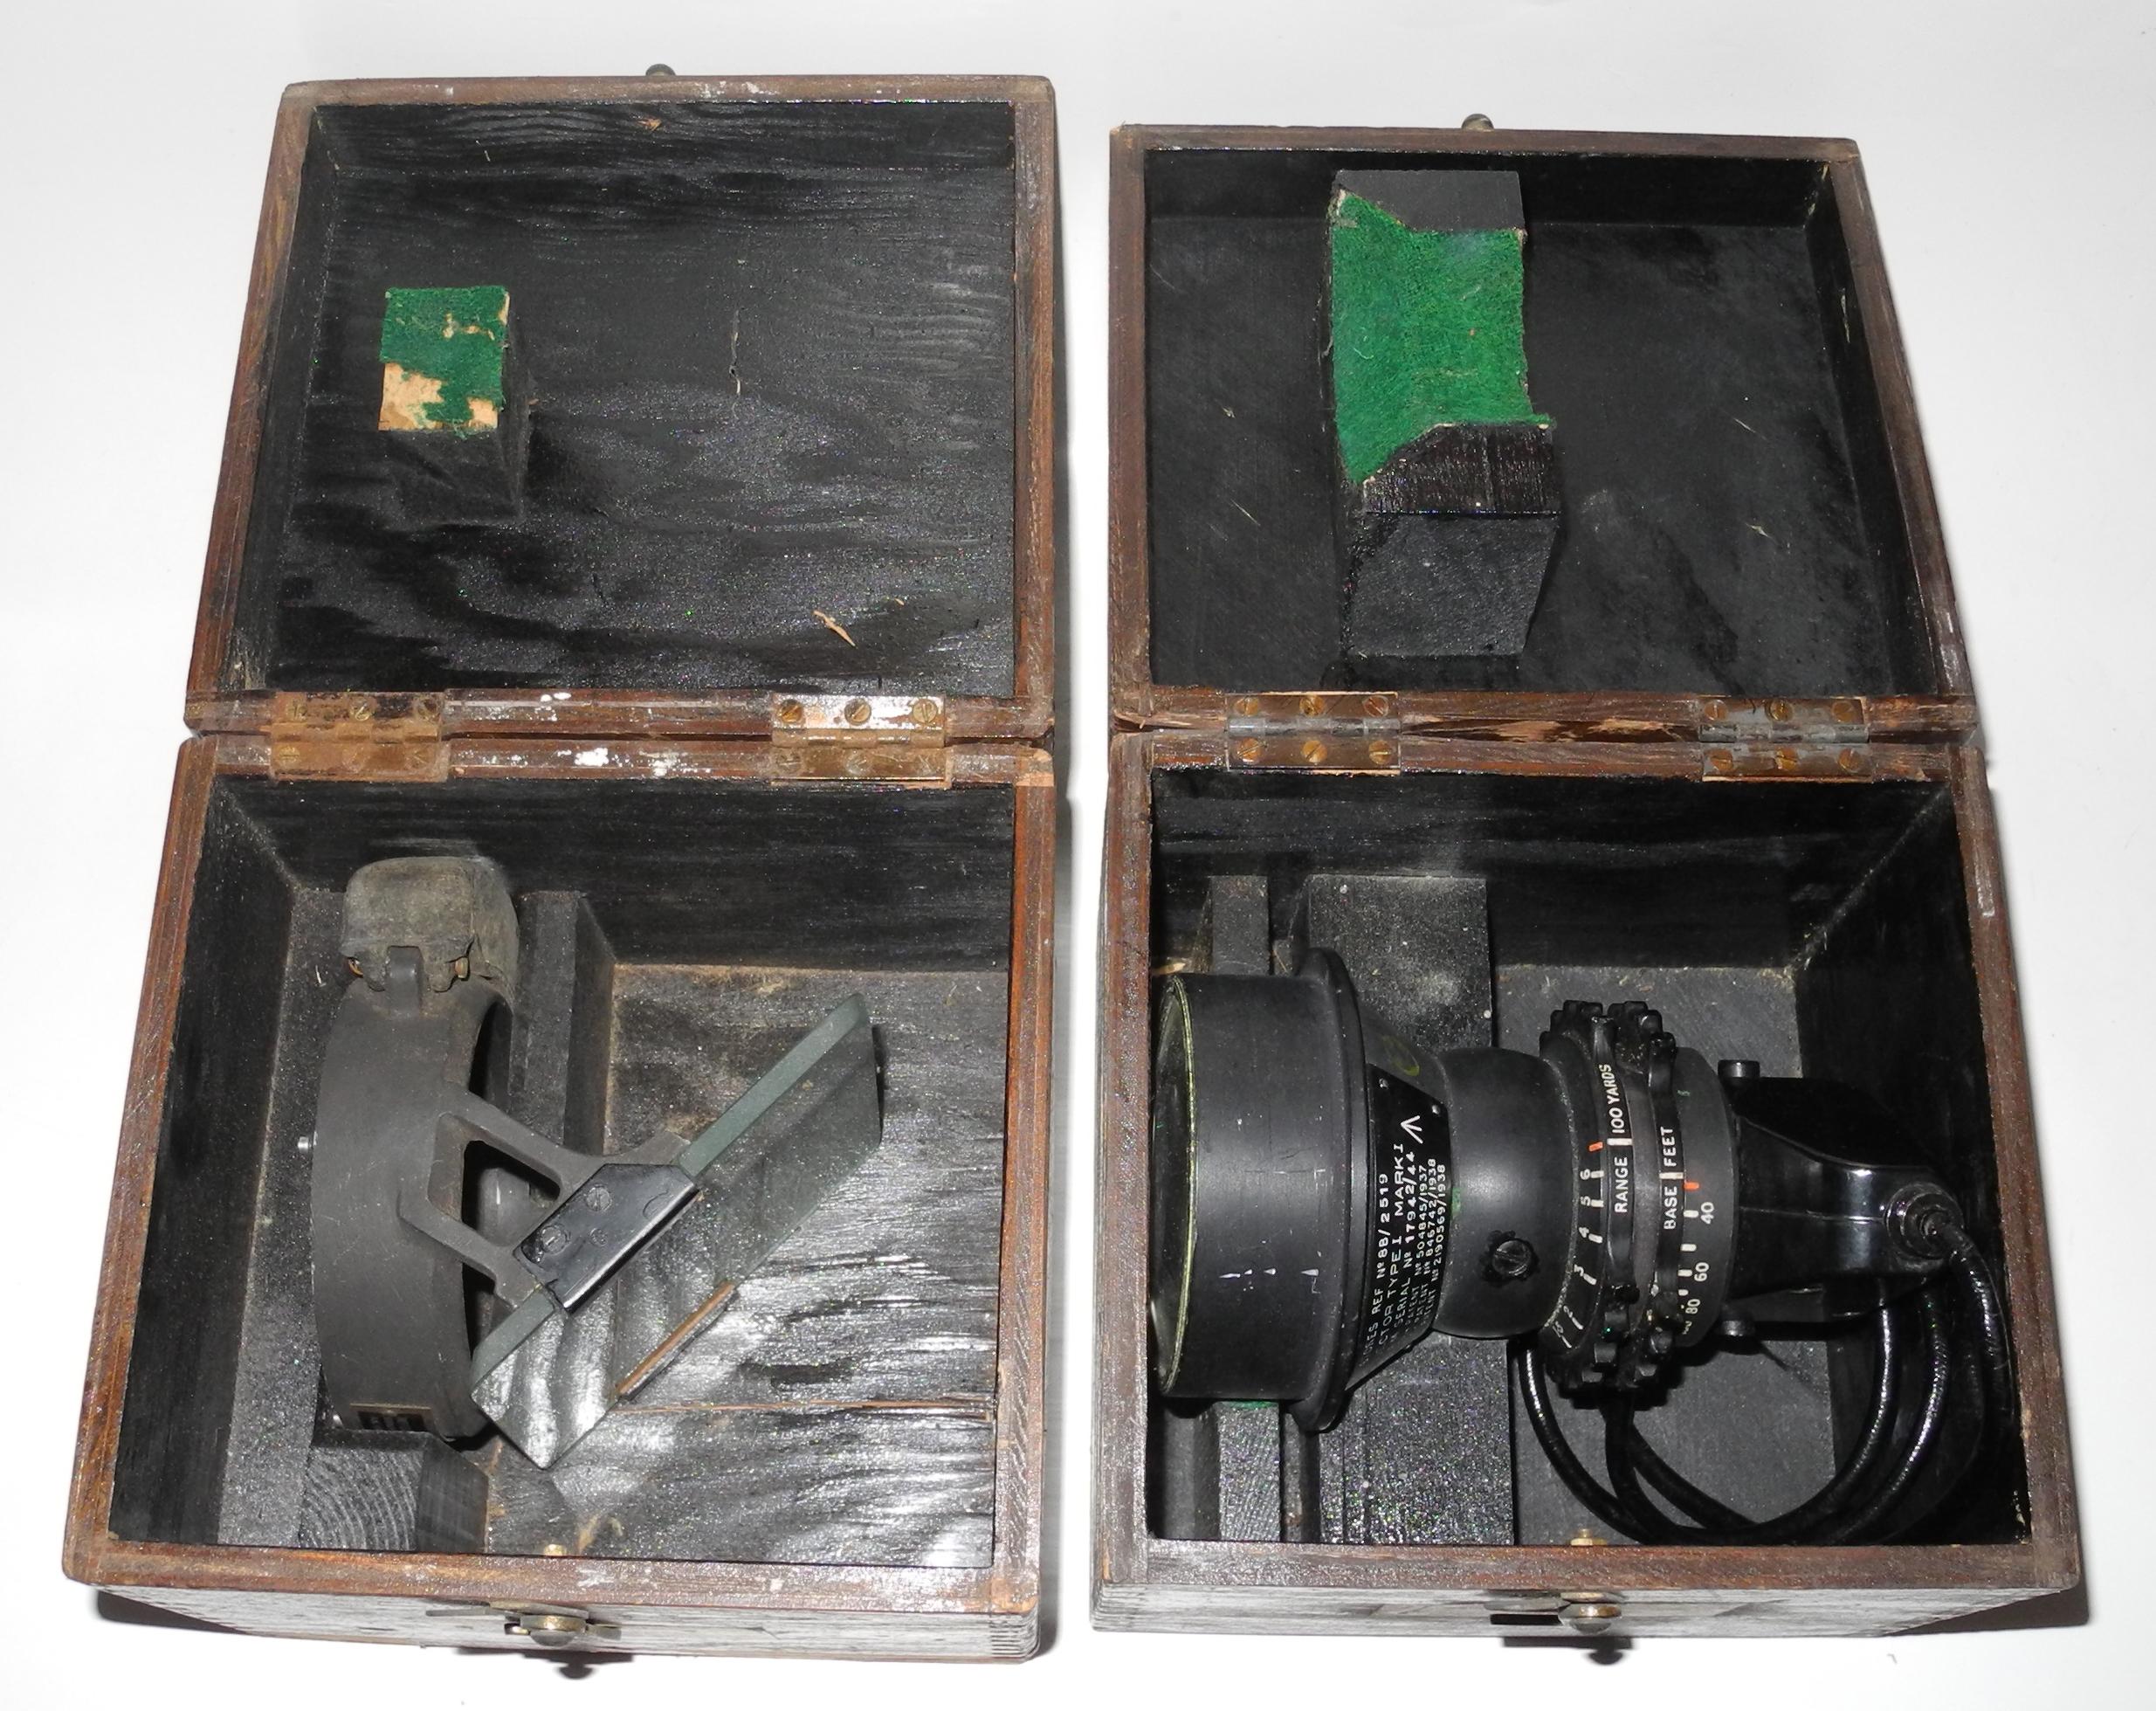 RAF Type I Mk I Reflector gunsight